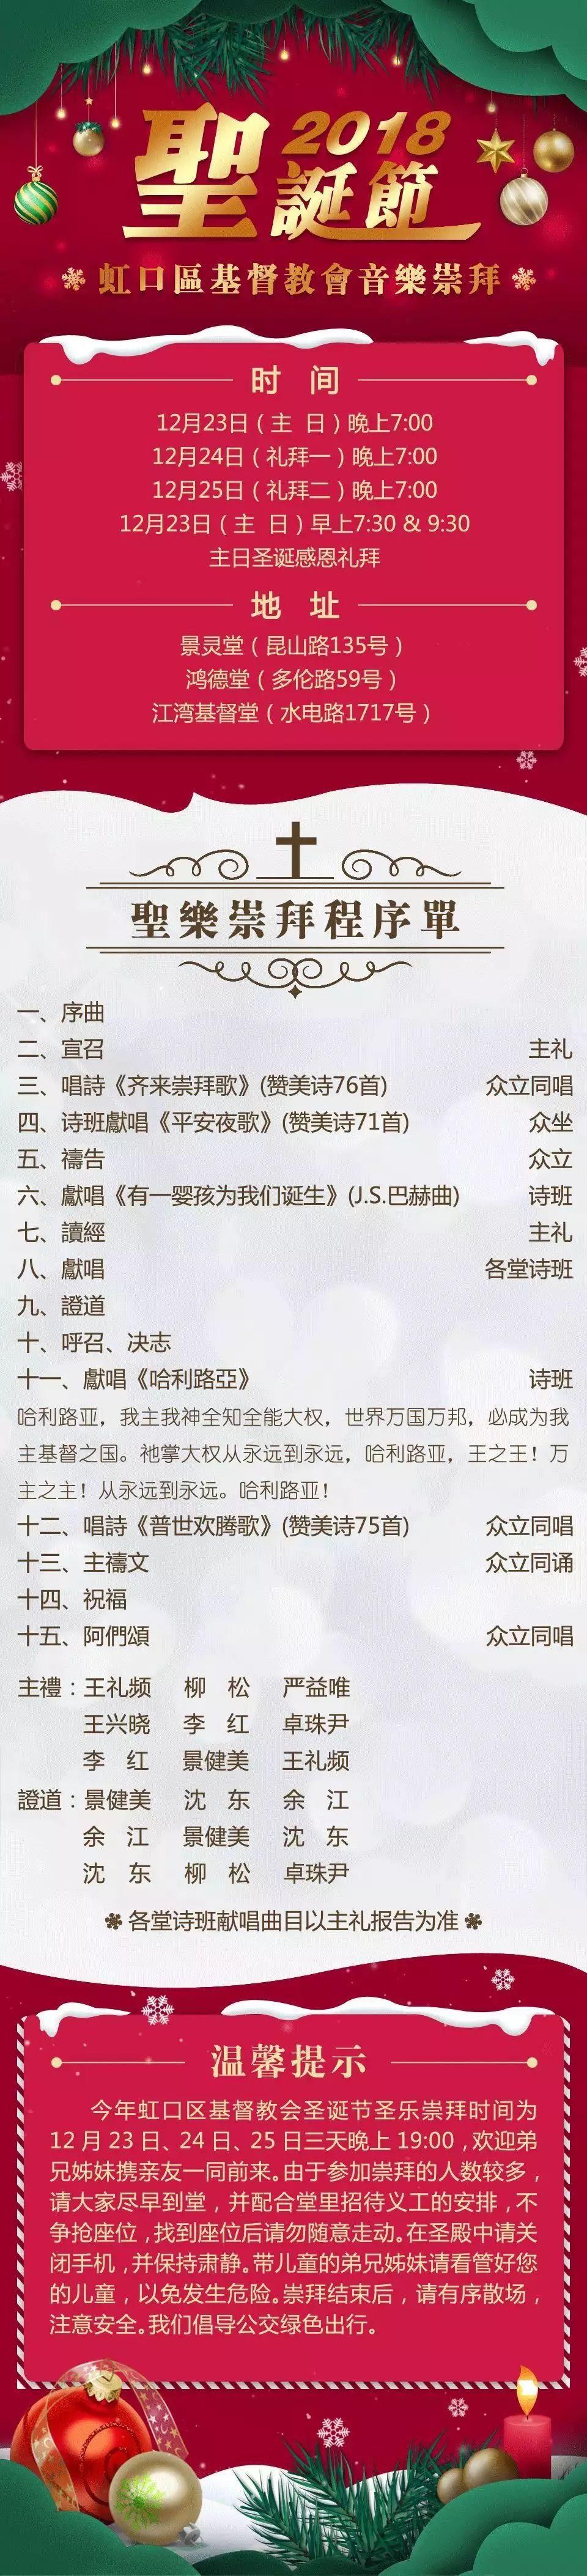 2018上海虹口区圣诞平安夜教堂活动 | 附流程